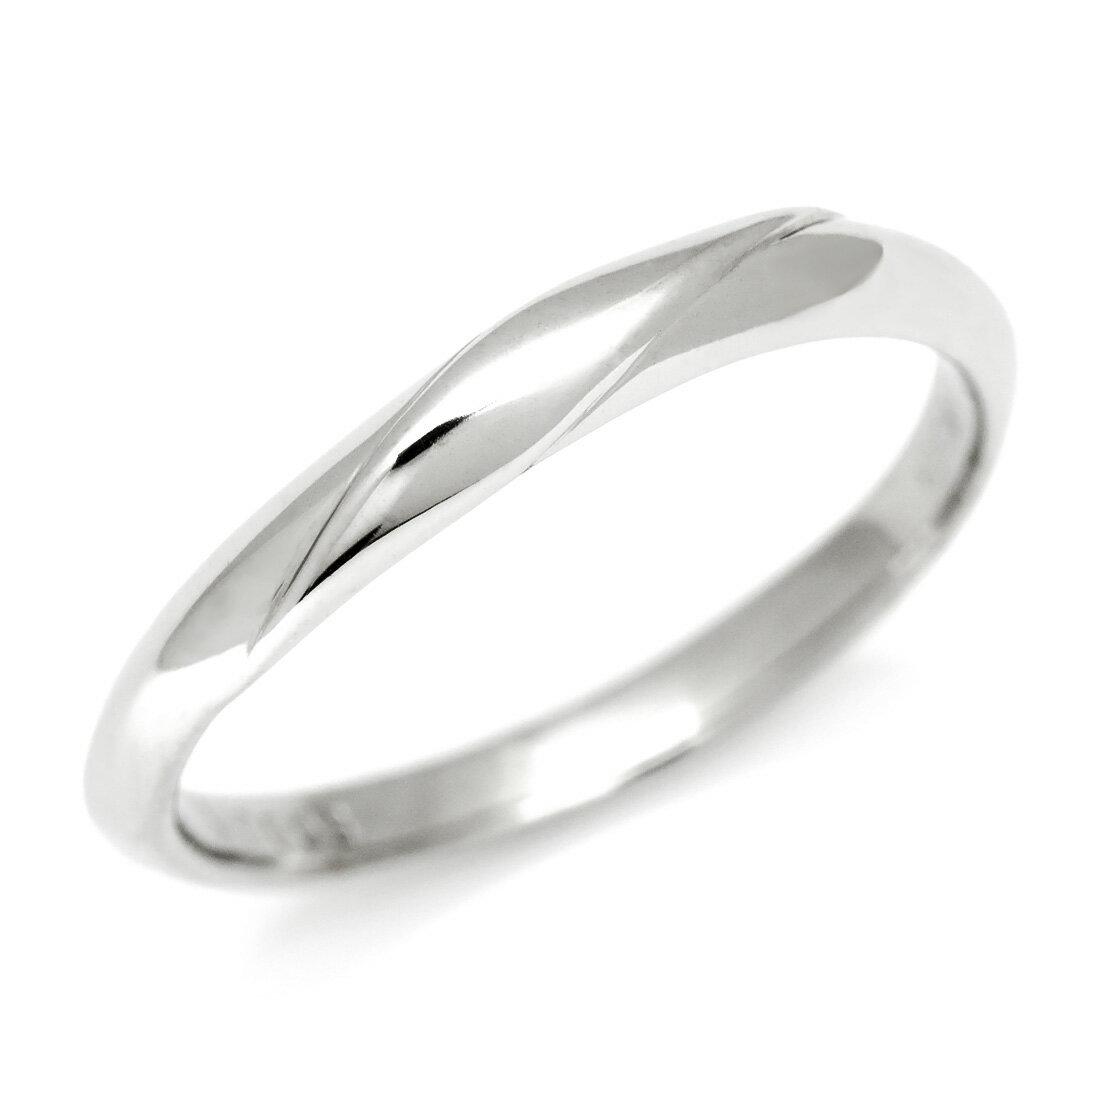 ブライダルジュエリー・アクセサリー, 結婚指輪・マリッジリング  Silk K18 1029